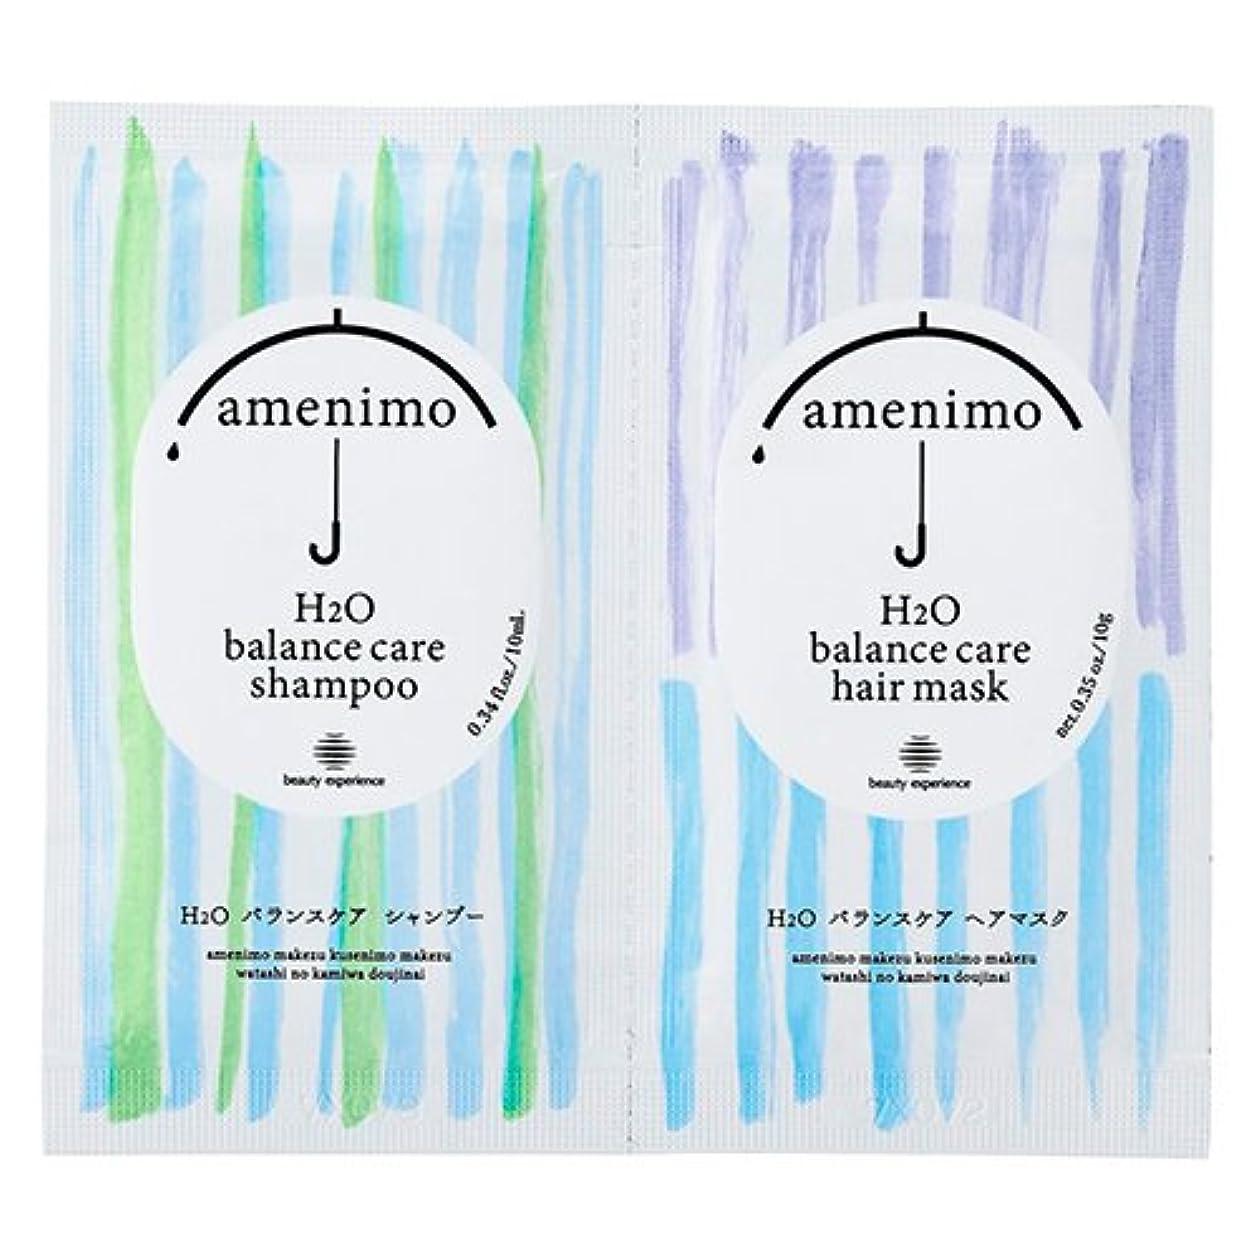 シーサイドポルノのれんamenimo(アメニモ) H2O バランスケア シャンプー&ヘアマスク 1dayお試し 10mL+10g